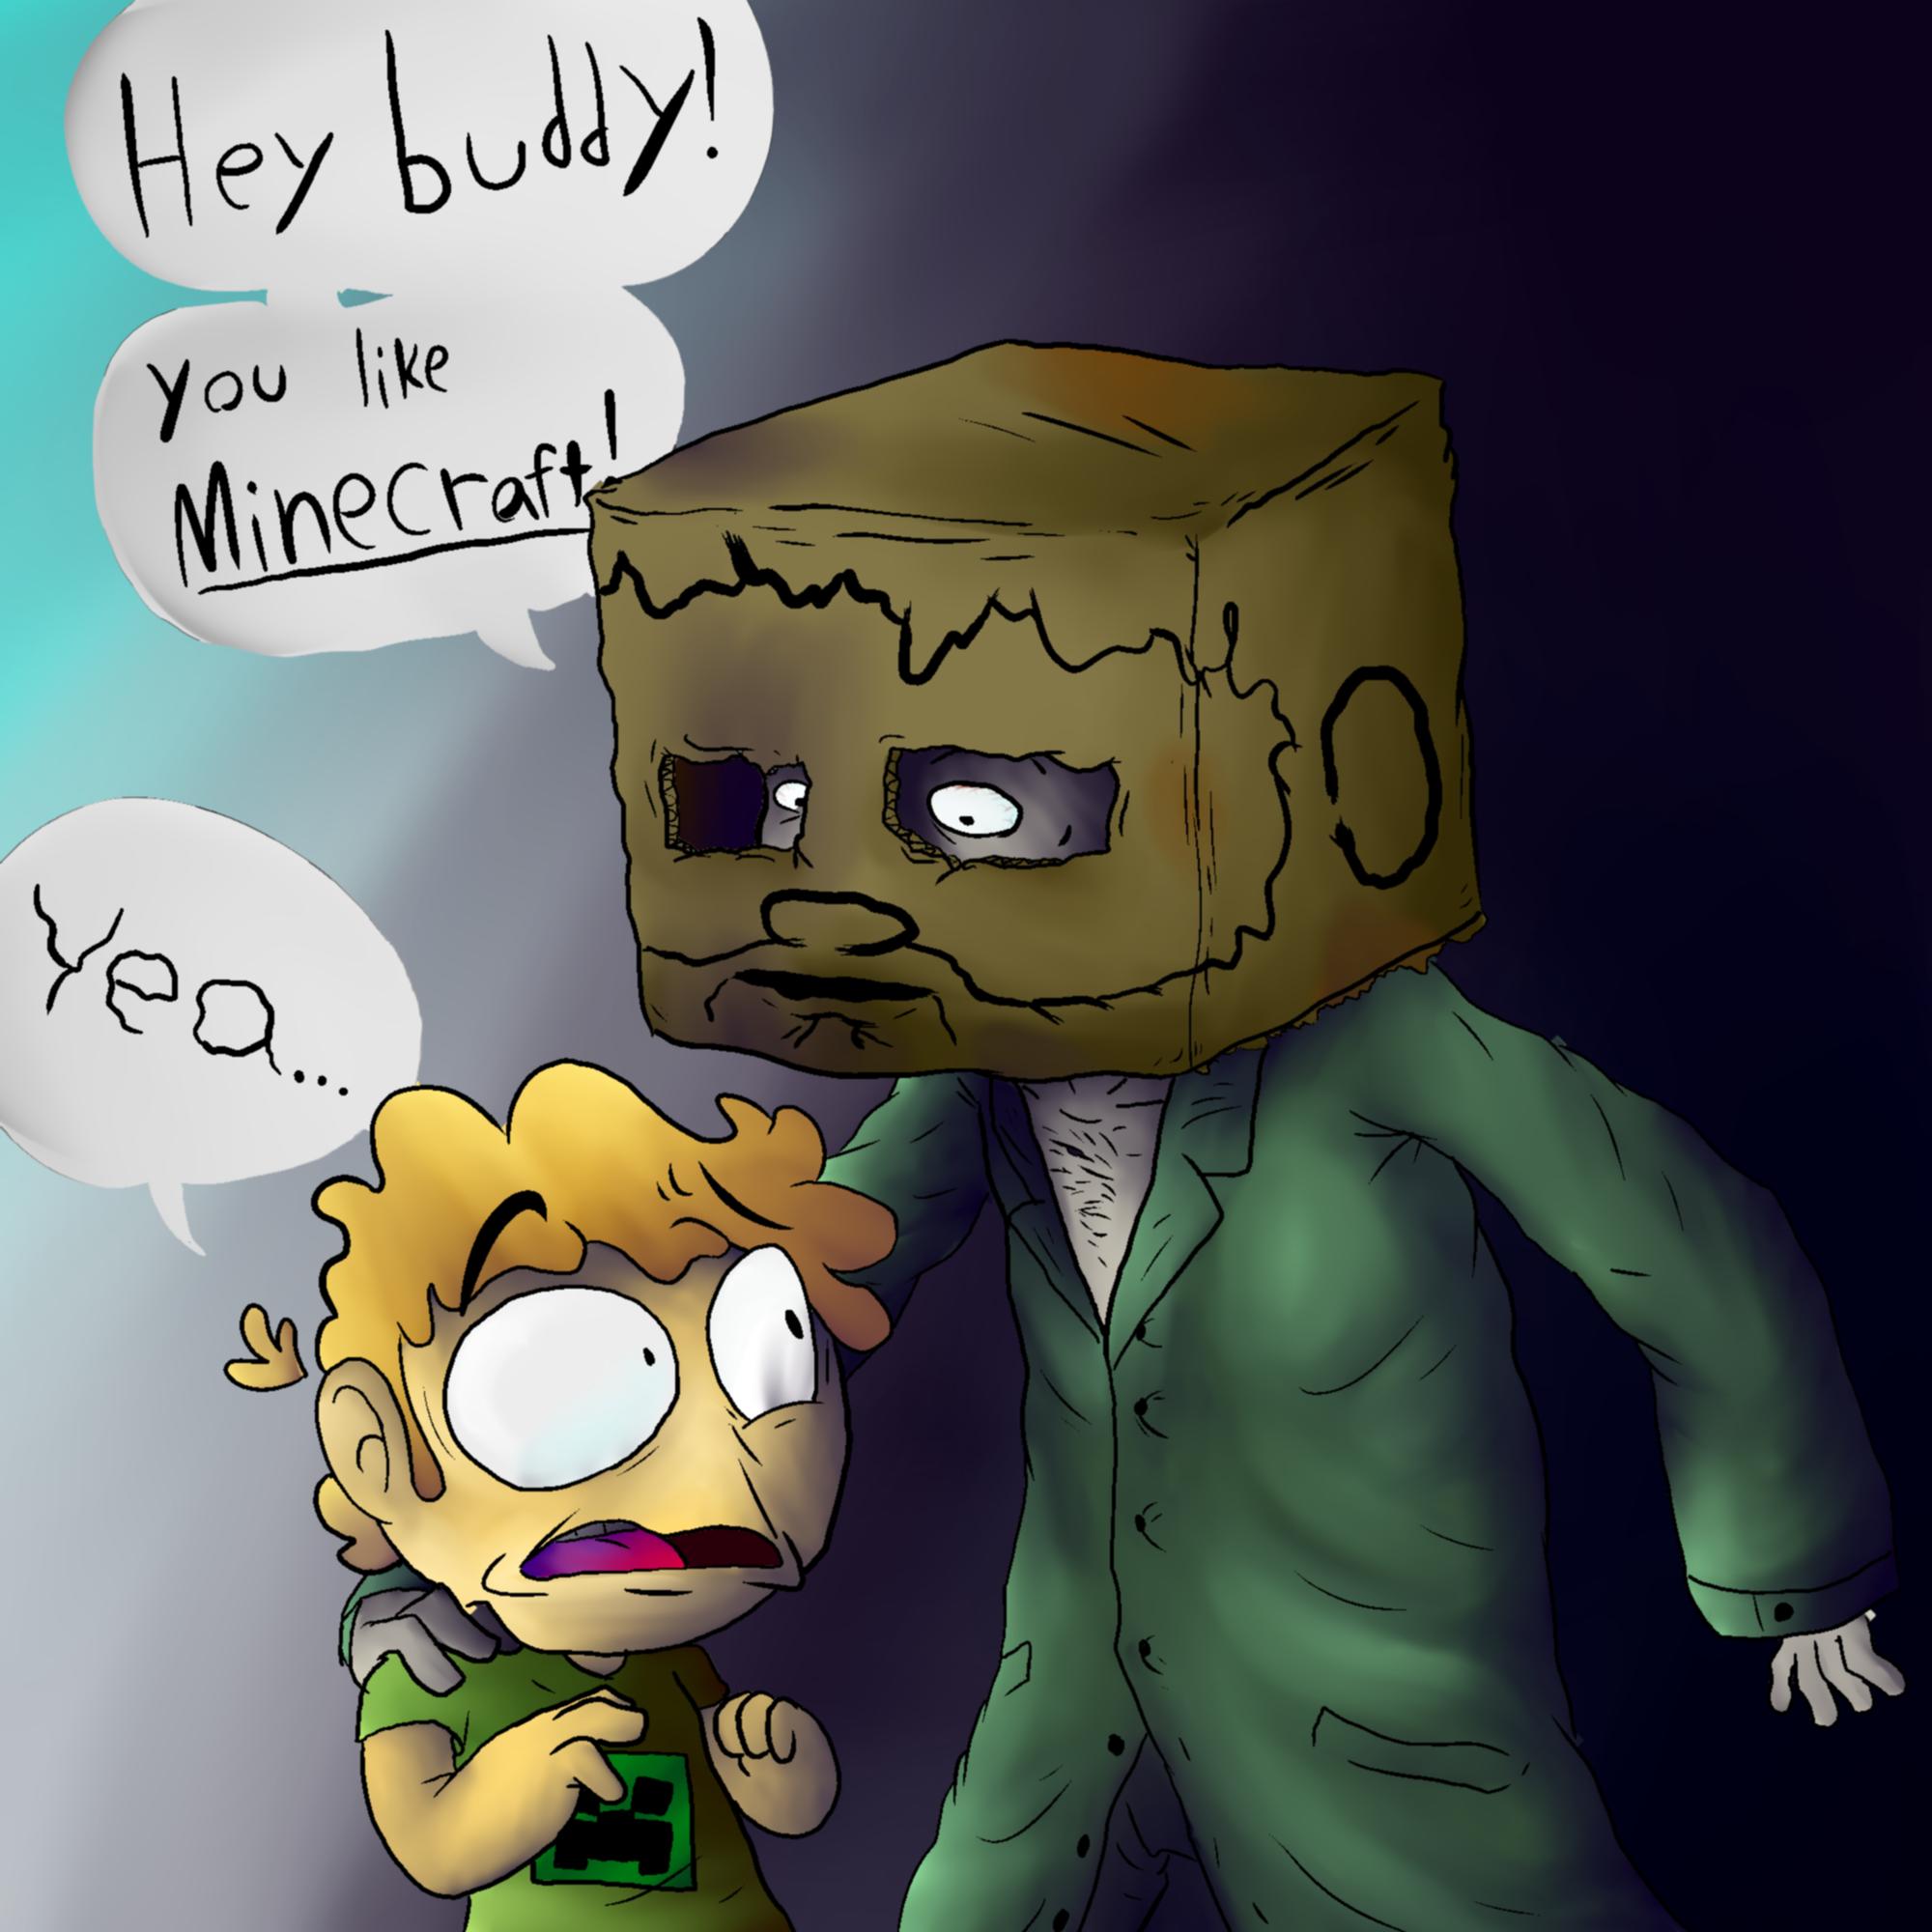 Hey buddy...